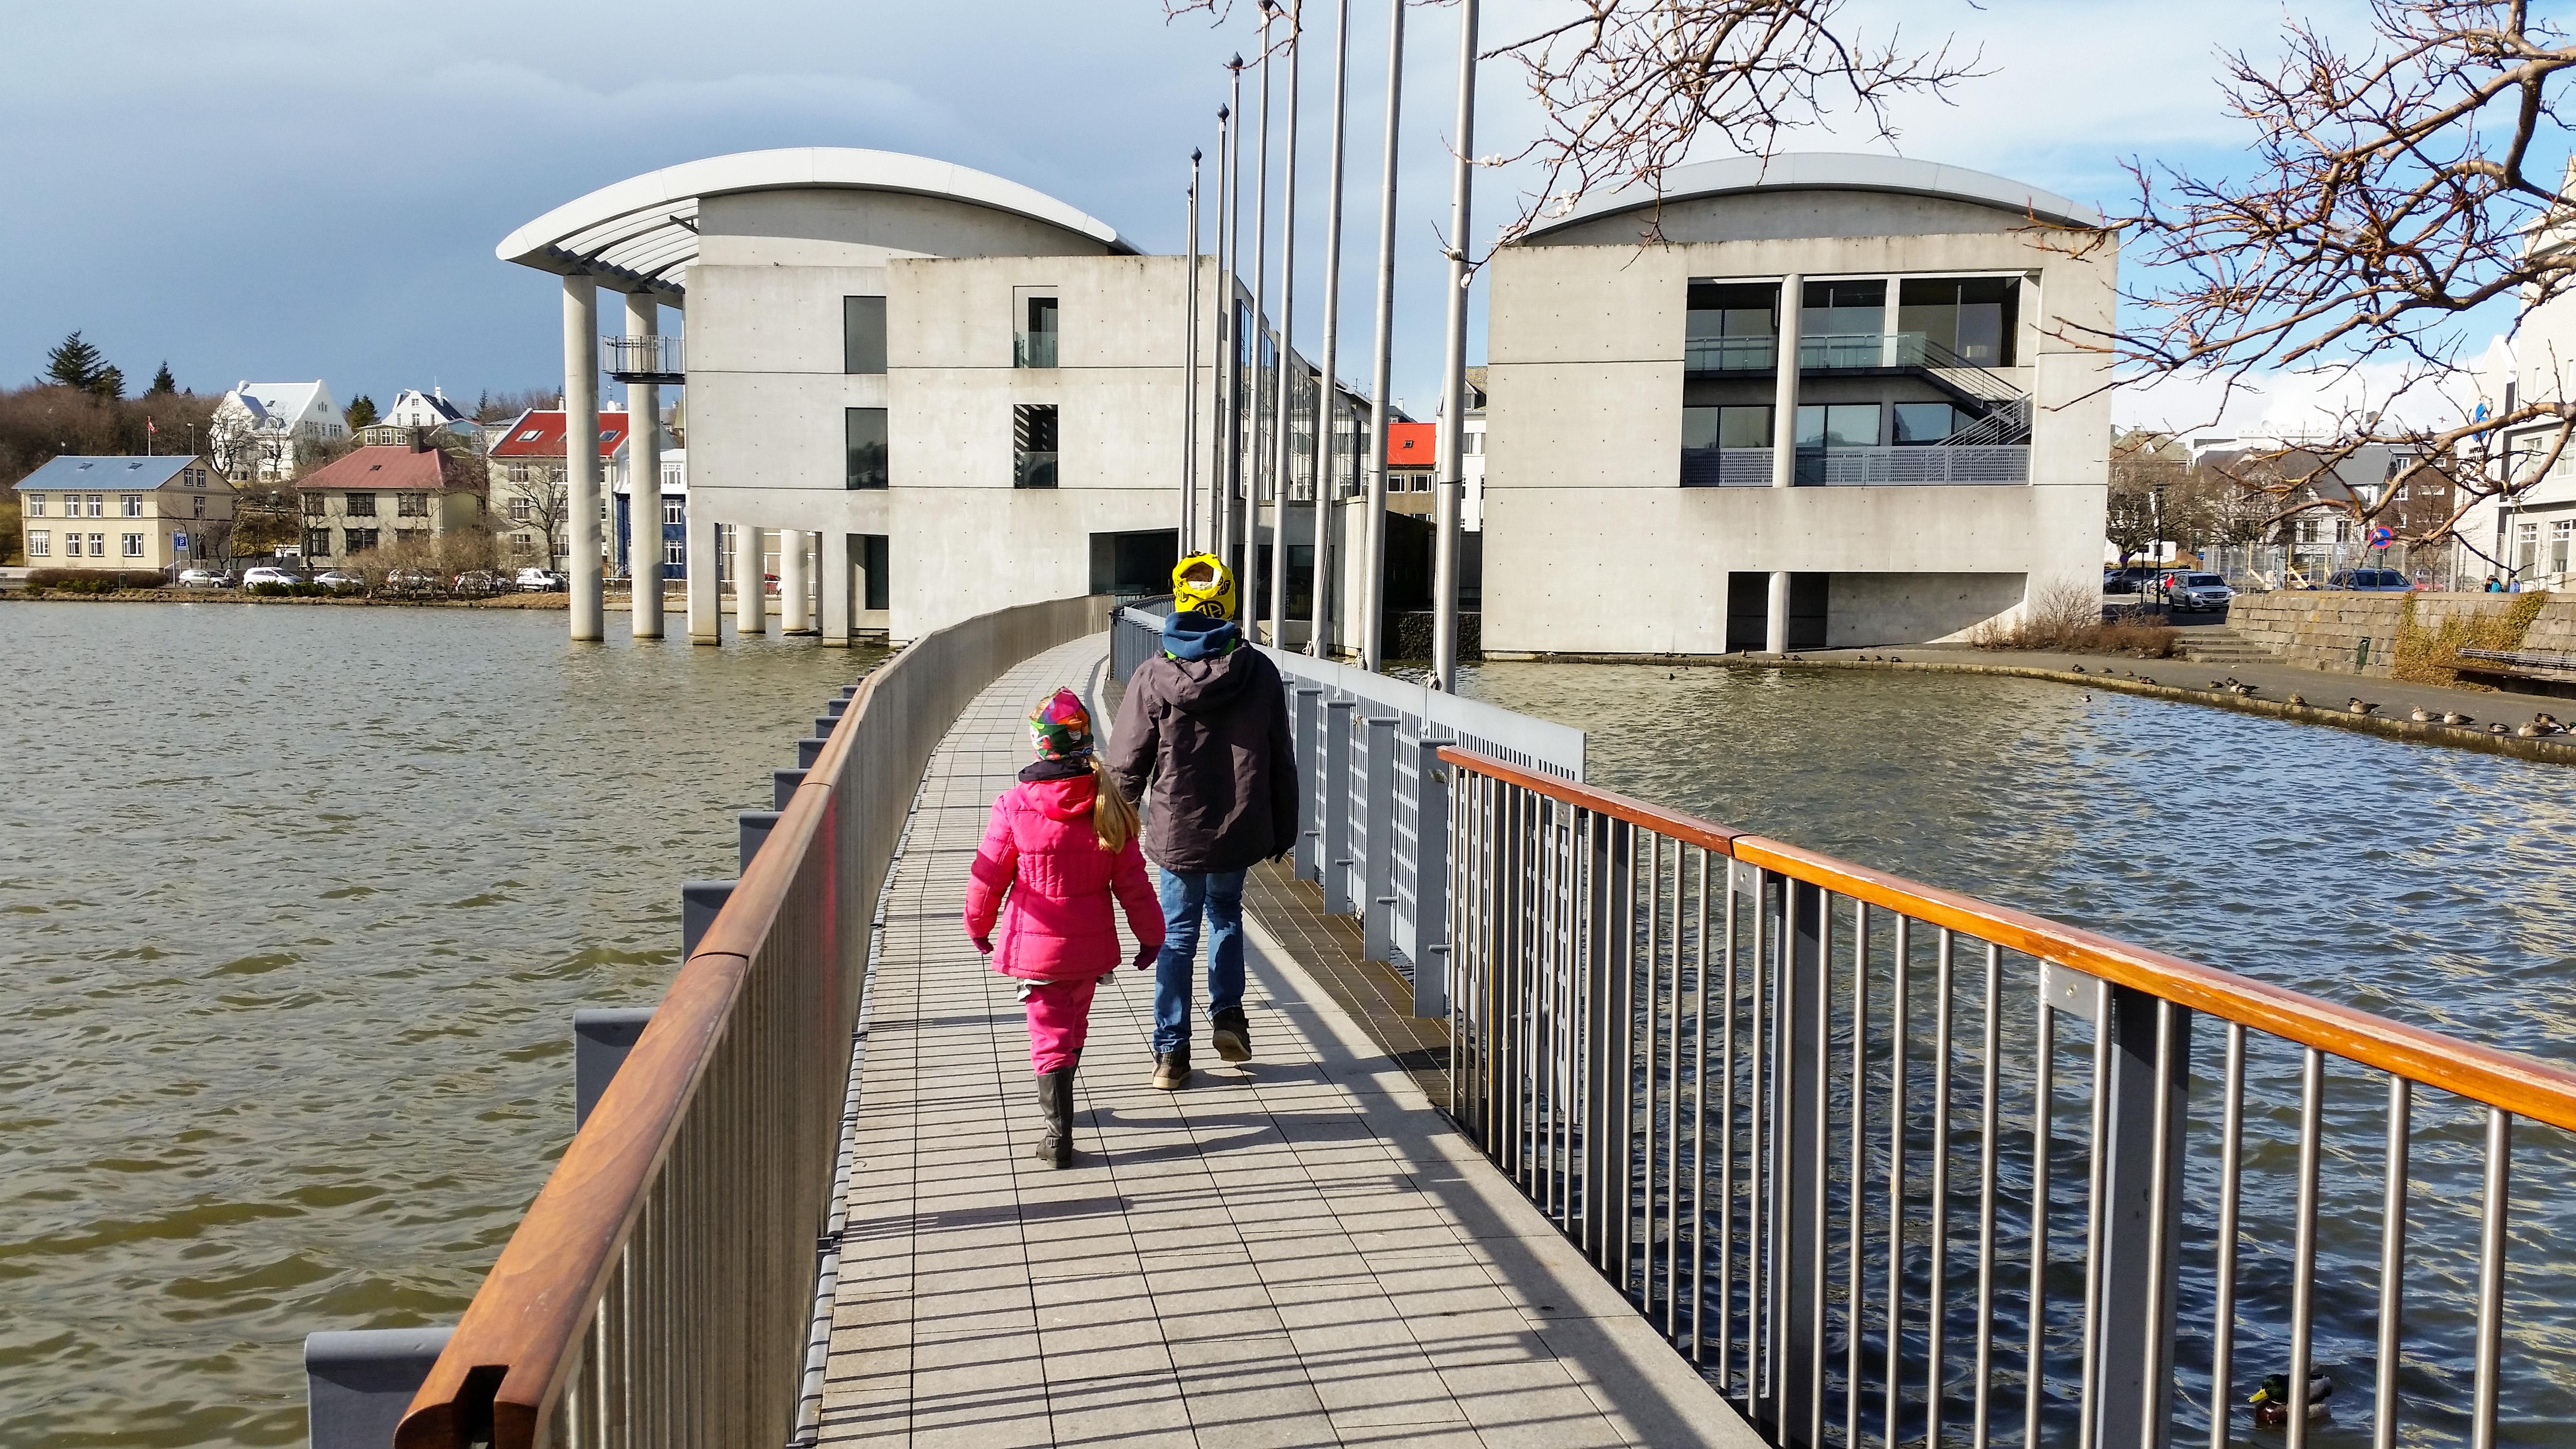 Kinder laufen über eine Brücke des Tjörnin Stadtteiches zum Rathaus